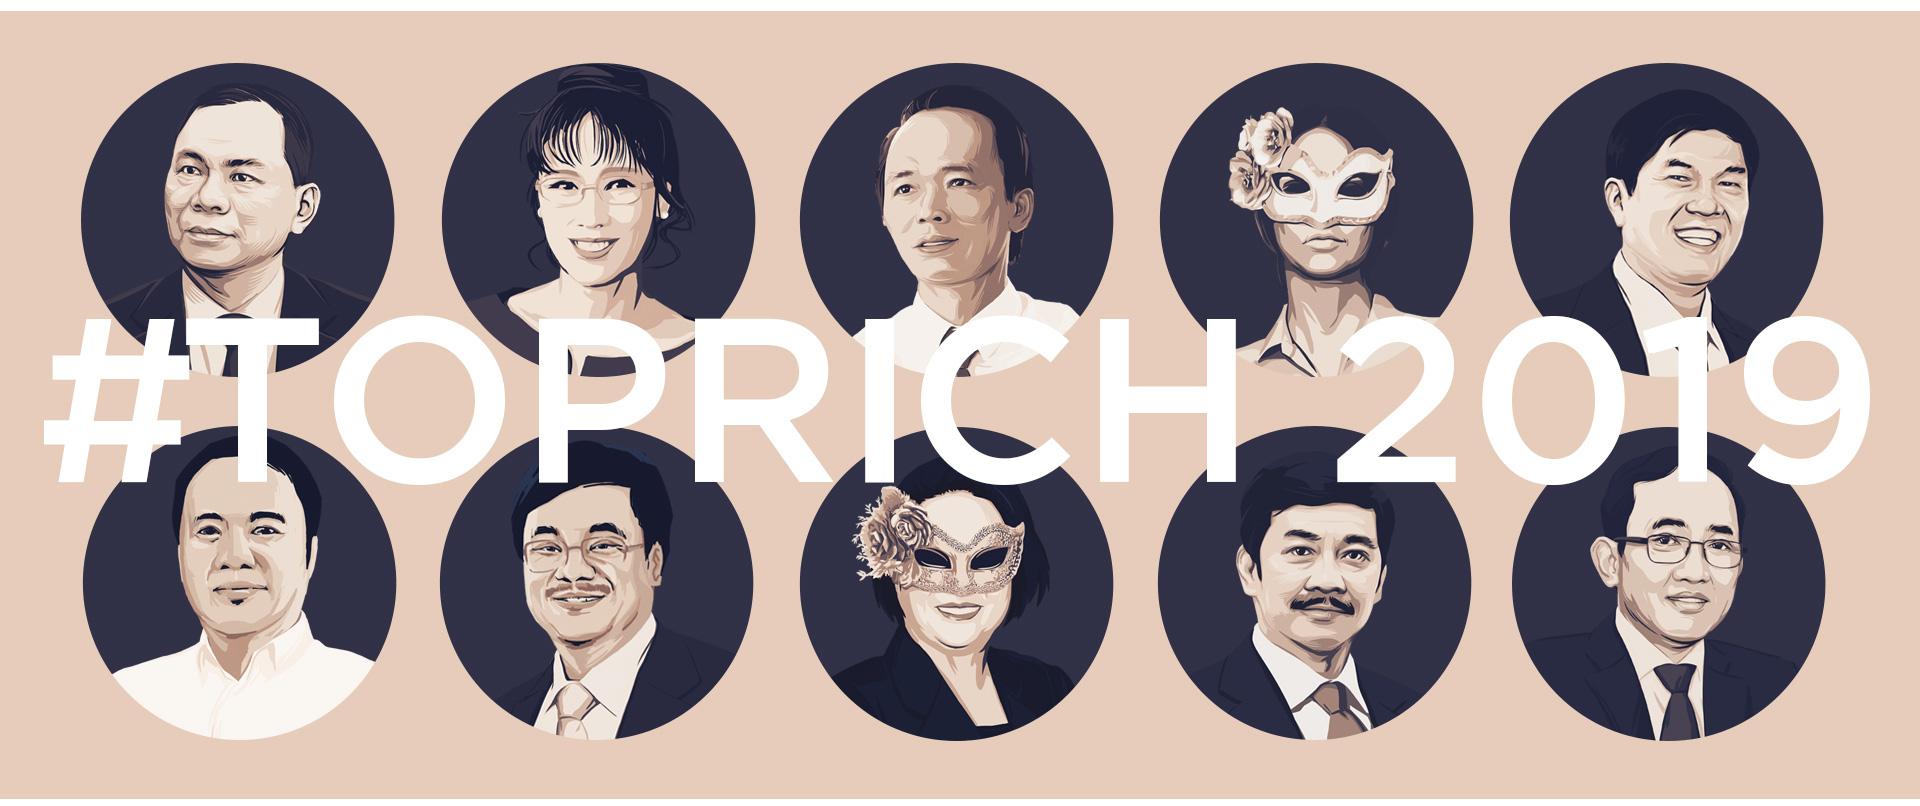 Tài sản của Top 10 người giàu nhất trên thị trường chứng khoán tiếp tục sinh sôi nảy nở, vượt 360.000 tỷ đồng - Ảnh 7.